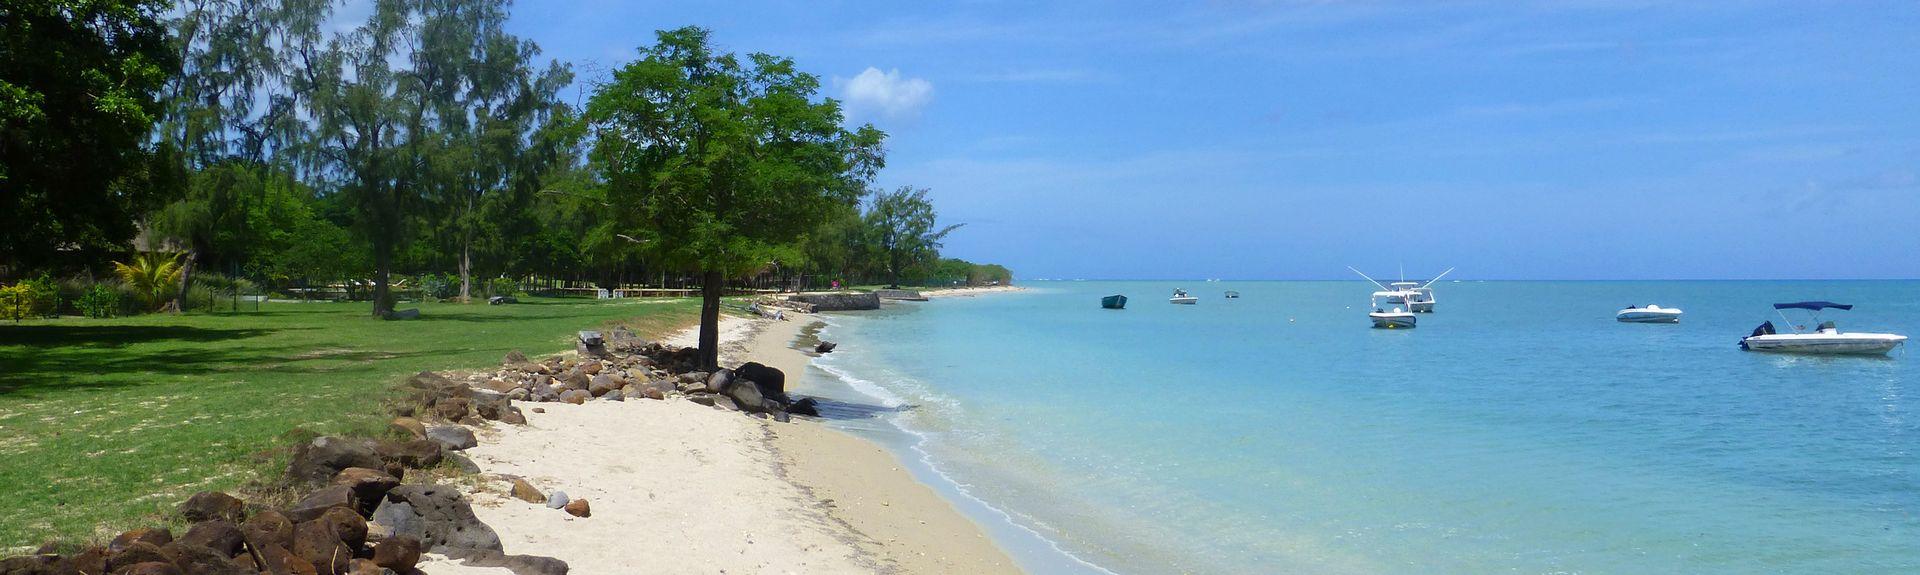 Curepipe, Mauritius